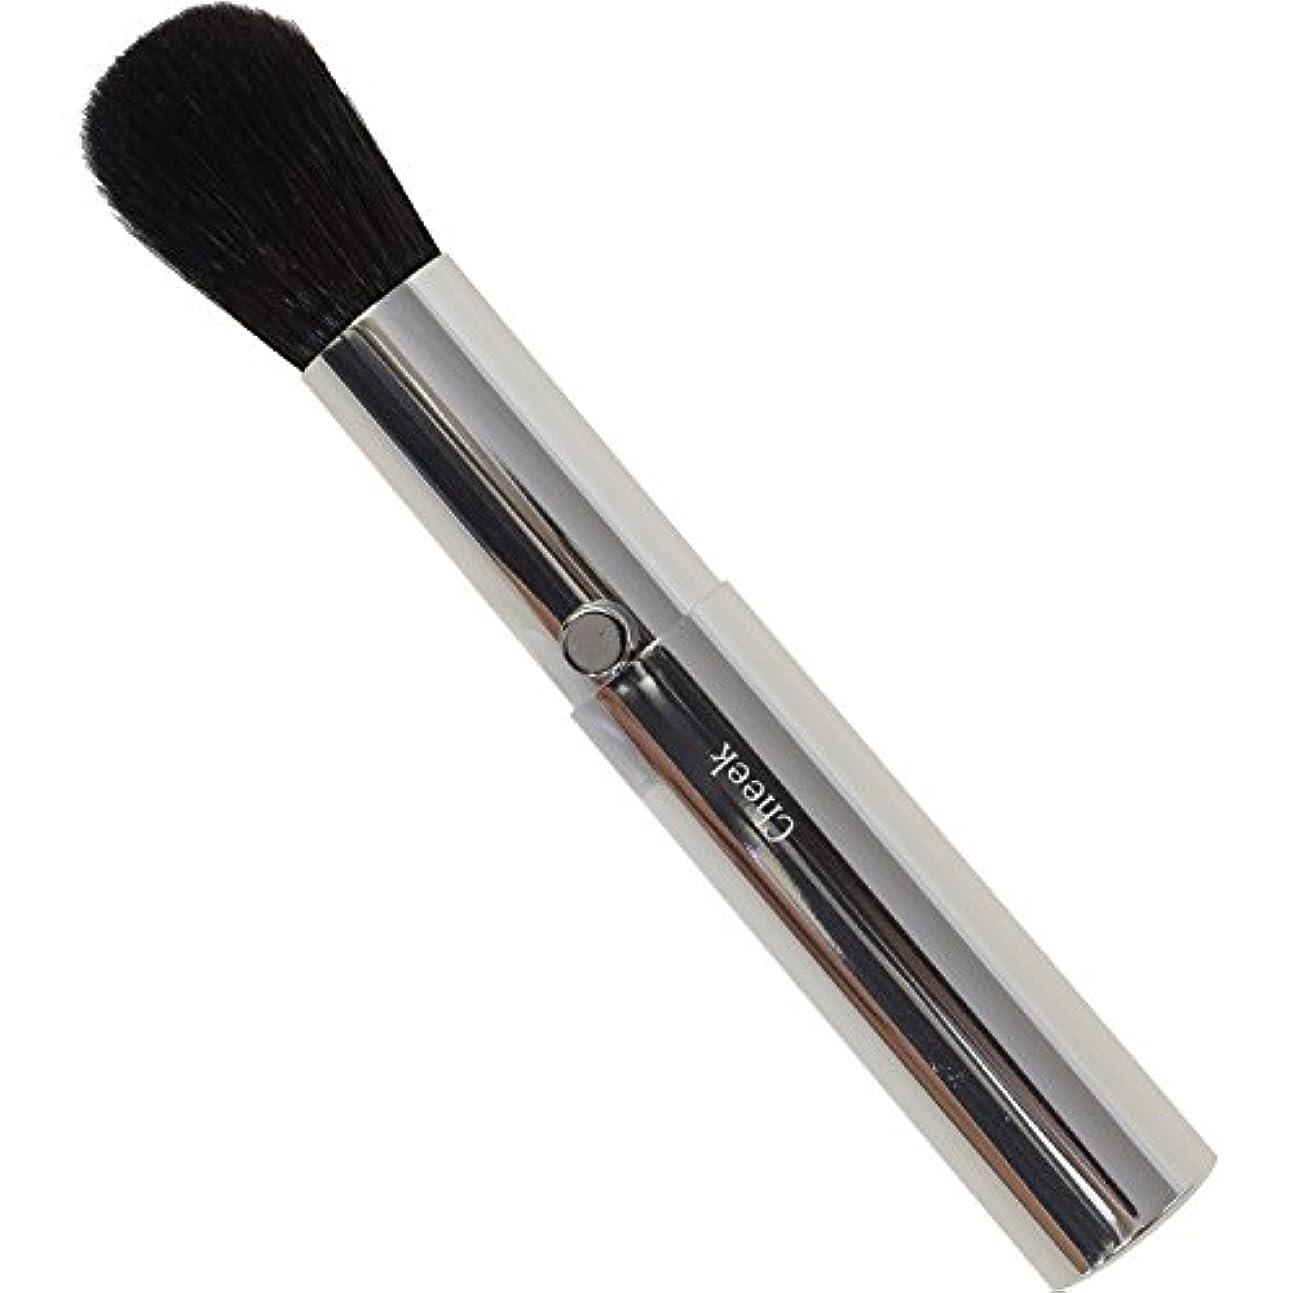 八百屋黙認する批判的SSS-C2 六角館さくら堂 スタイリッシュシンプルチークブラシ 粗光峰100% 高品質のスライドタイプ化粧筆